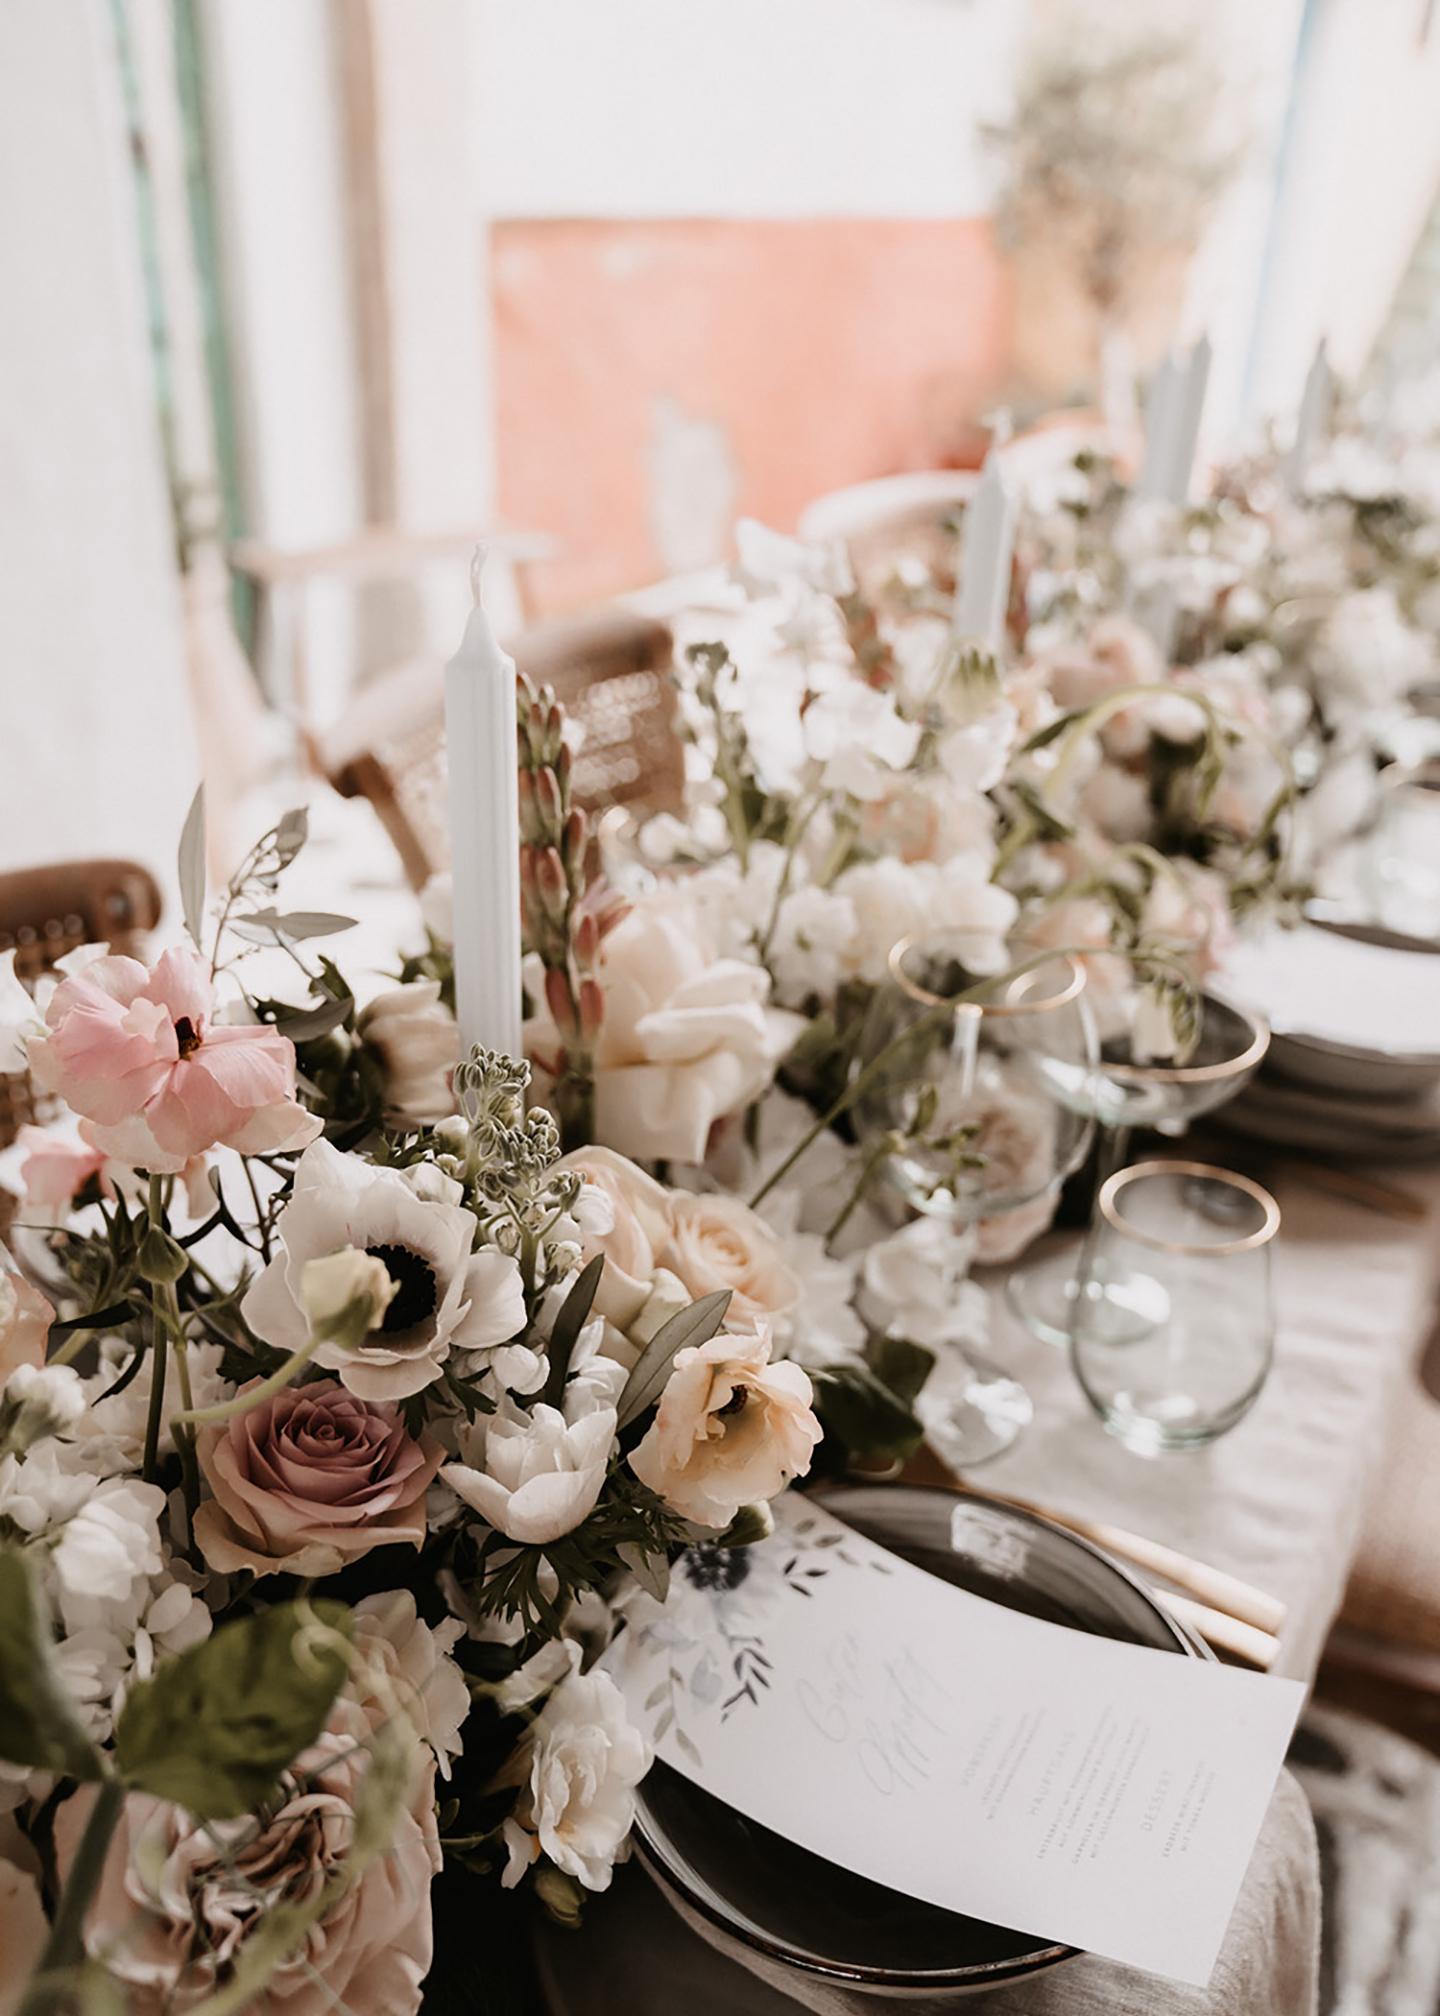 Der Hochzeitstisch mit Blumen geschmückt und mit den gedeckten Plätzen ist zu sehen. Die Blumen stechen durch ihre Vielfalt und unterschiedlichen Farben hervor.